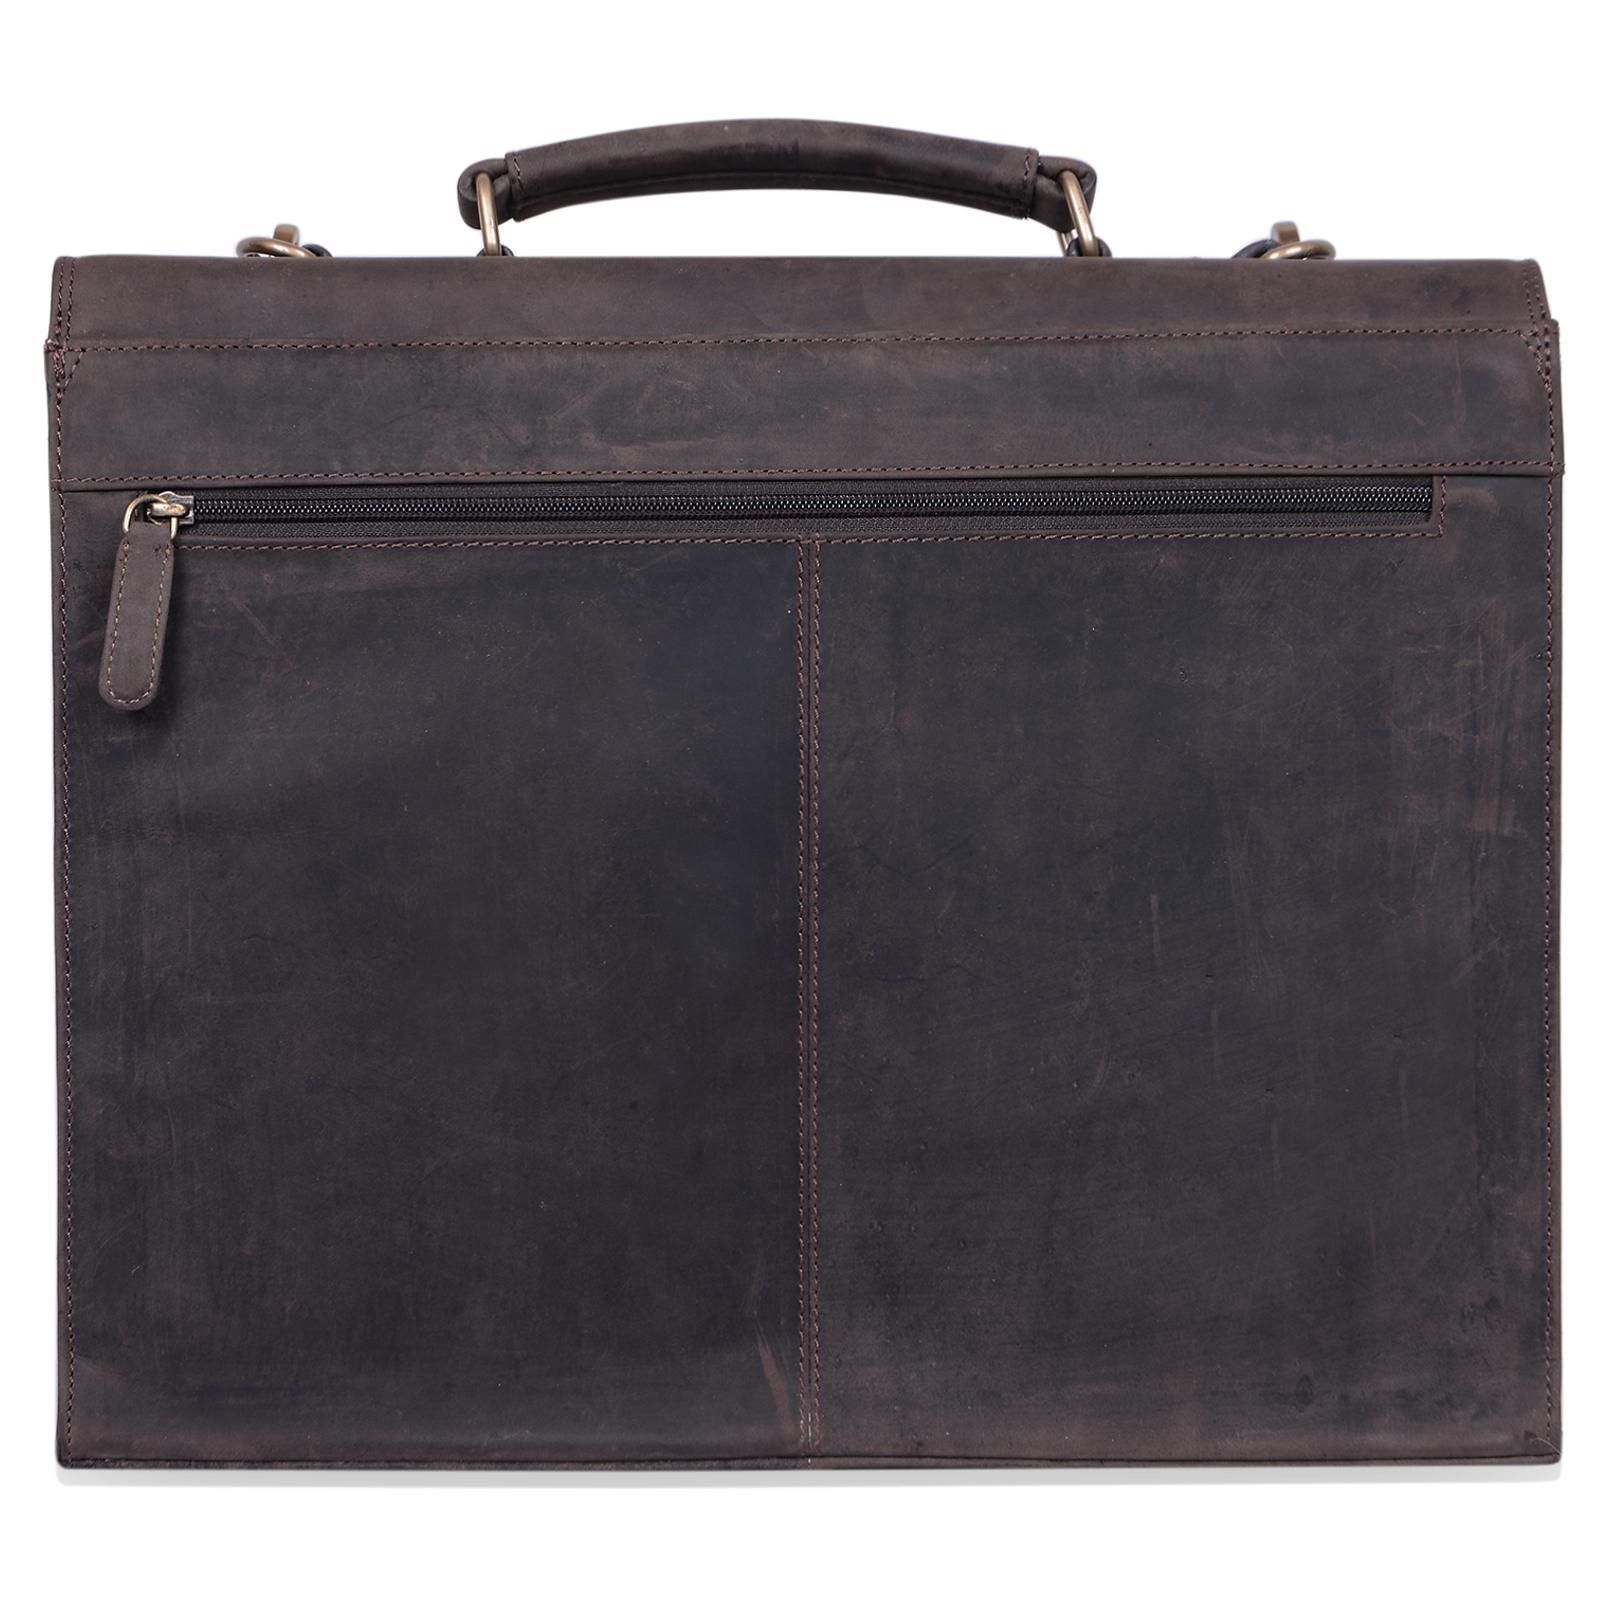 """STILORD B-WARE """"Constantin"""" Vintage Lehrertasche Aktentasche Herren Damen Bürotasche Hauptfach für 15.6 Zoll Laptop Umhängetasche groß Leder - Bild 5"""